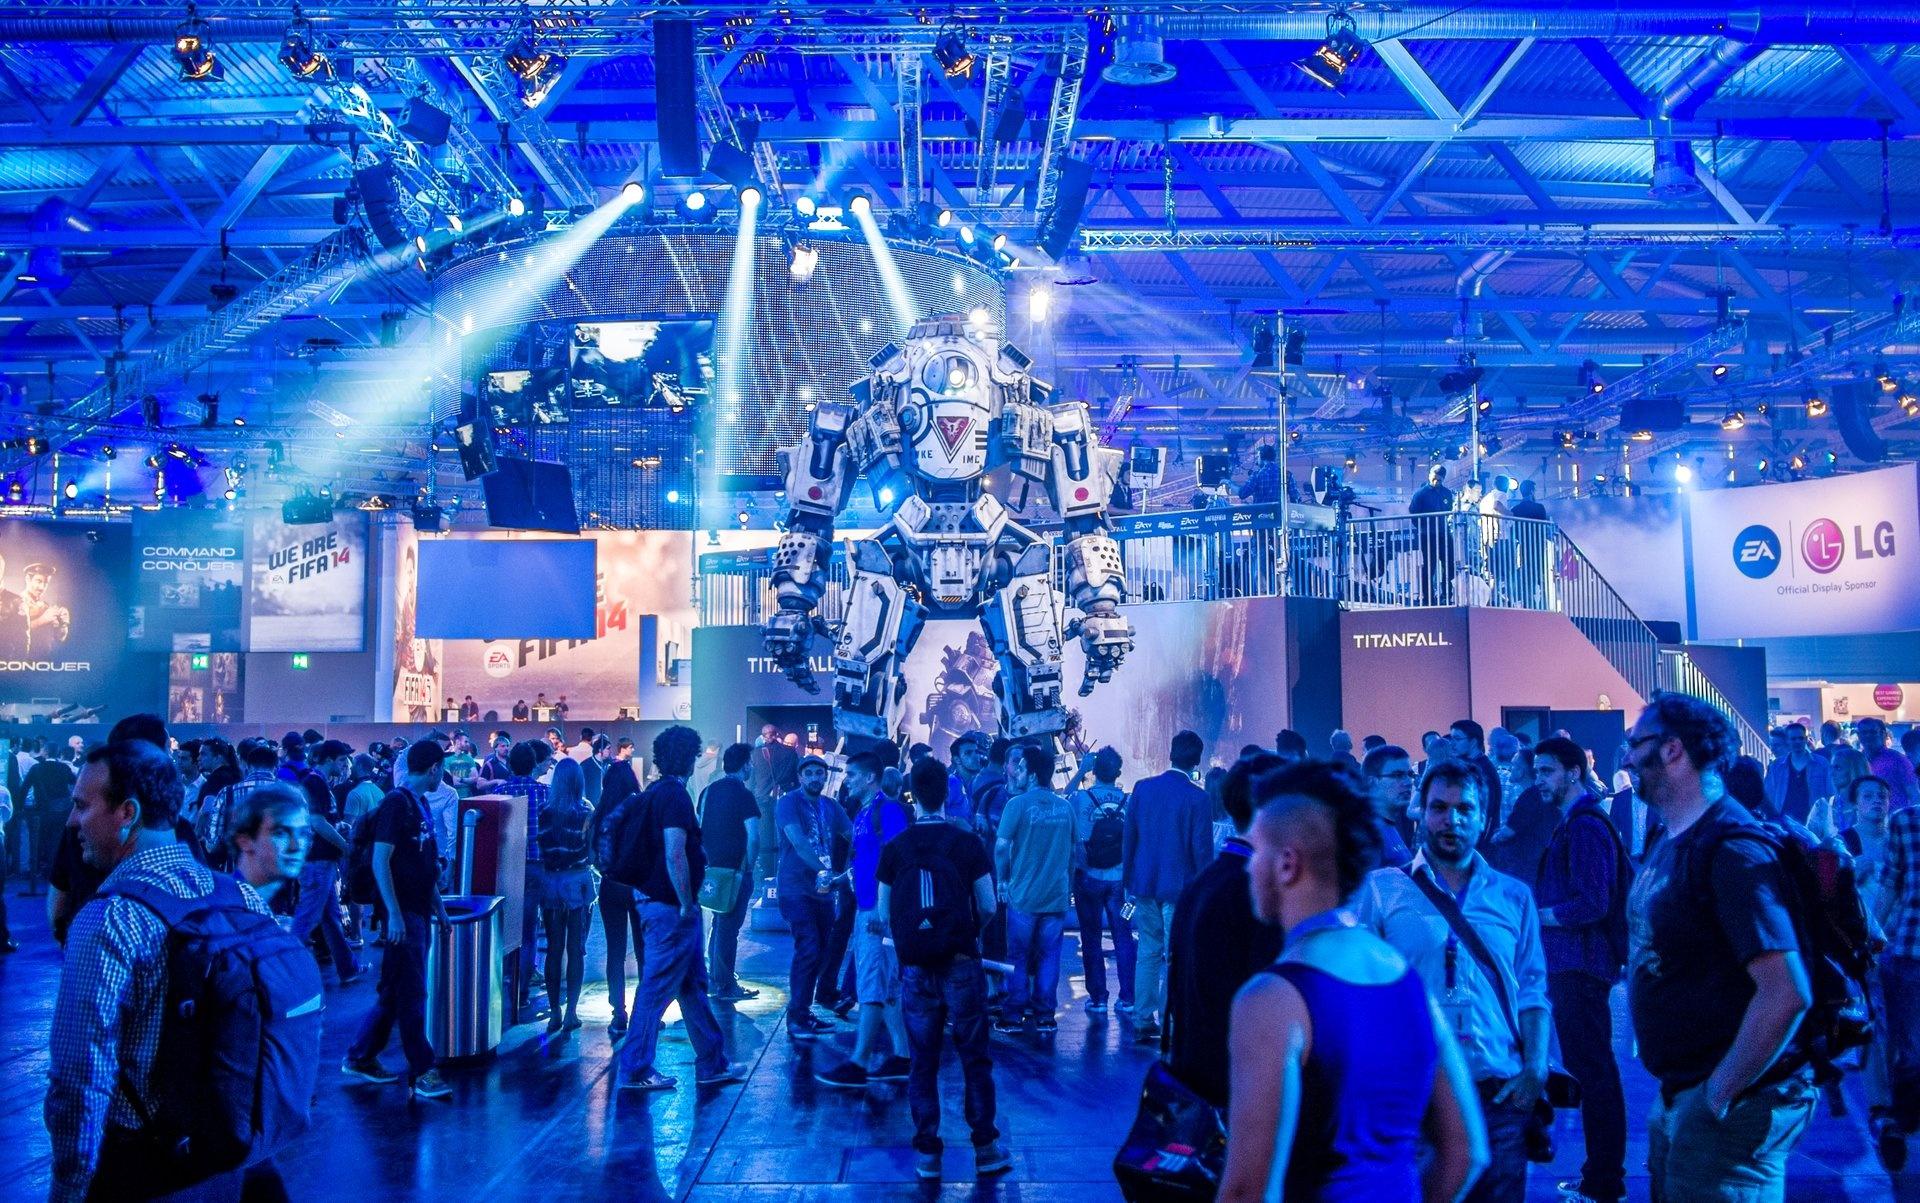 На gamescom 2019 производители привезут целую кучу игровой периферии